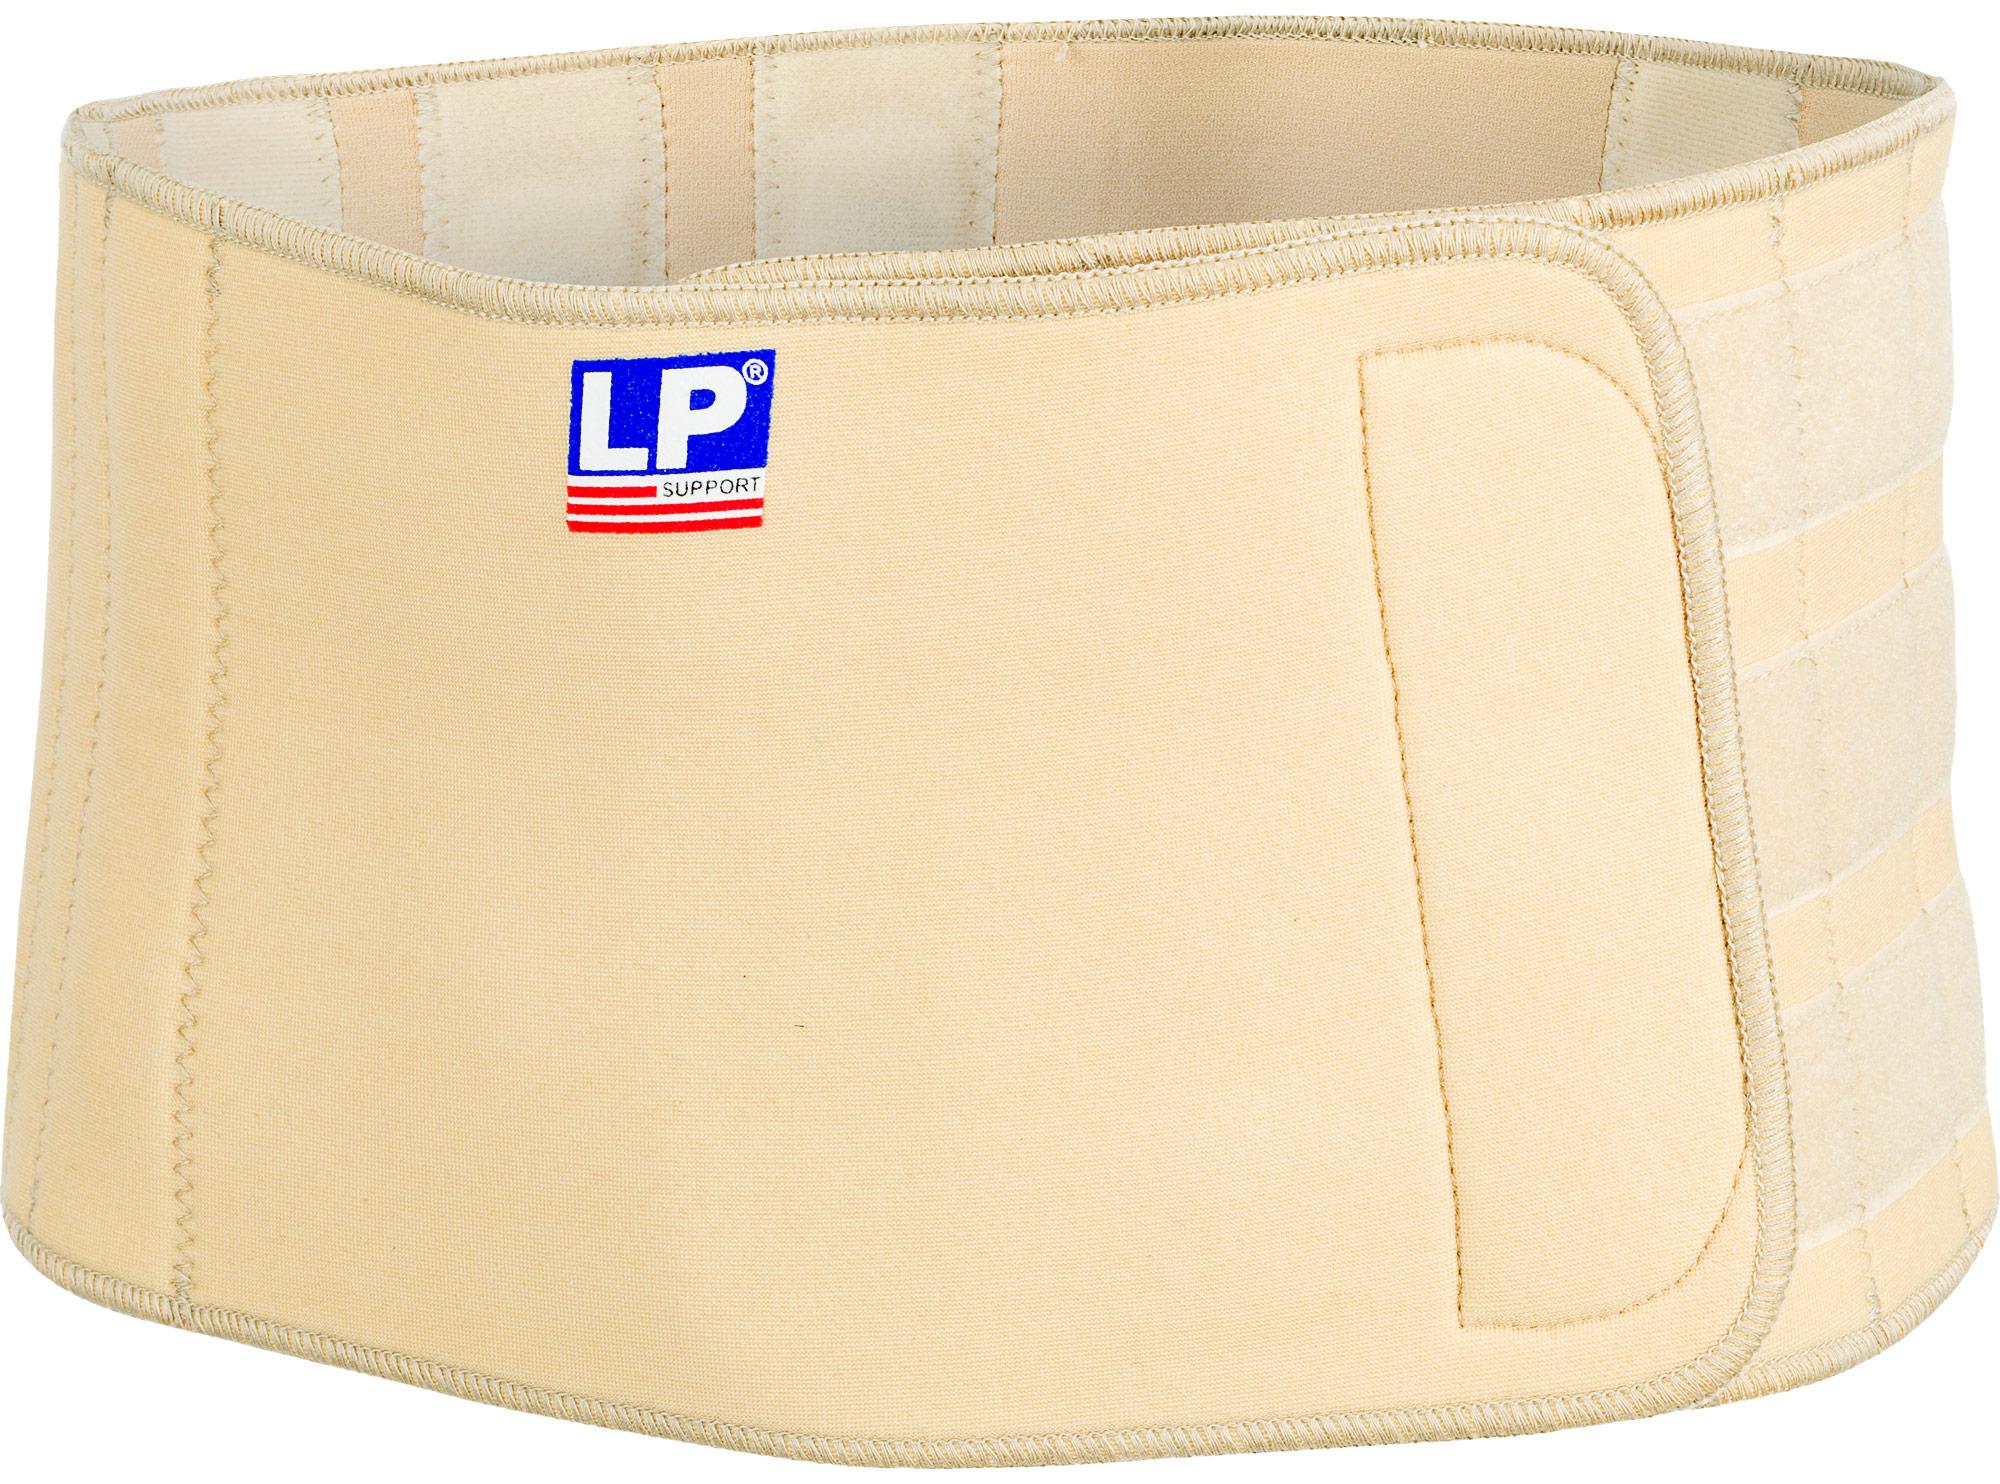 LP Support Пояс поддерживающий LP 715, размер Без размера прохладный bracoo бен газ поддерживающий проницаемой перемещение защитного пояса m